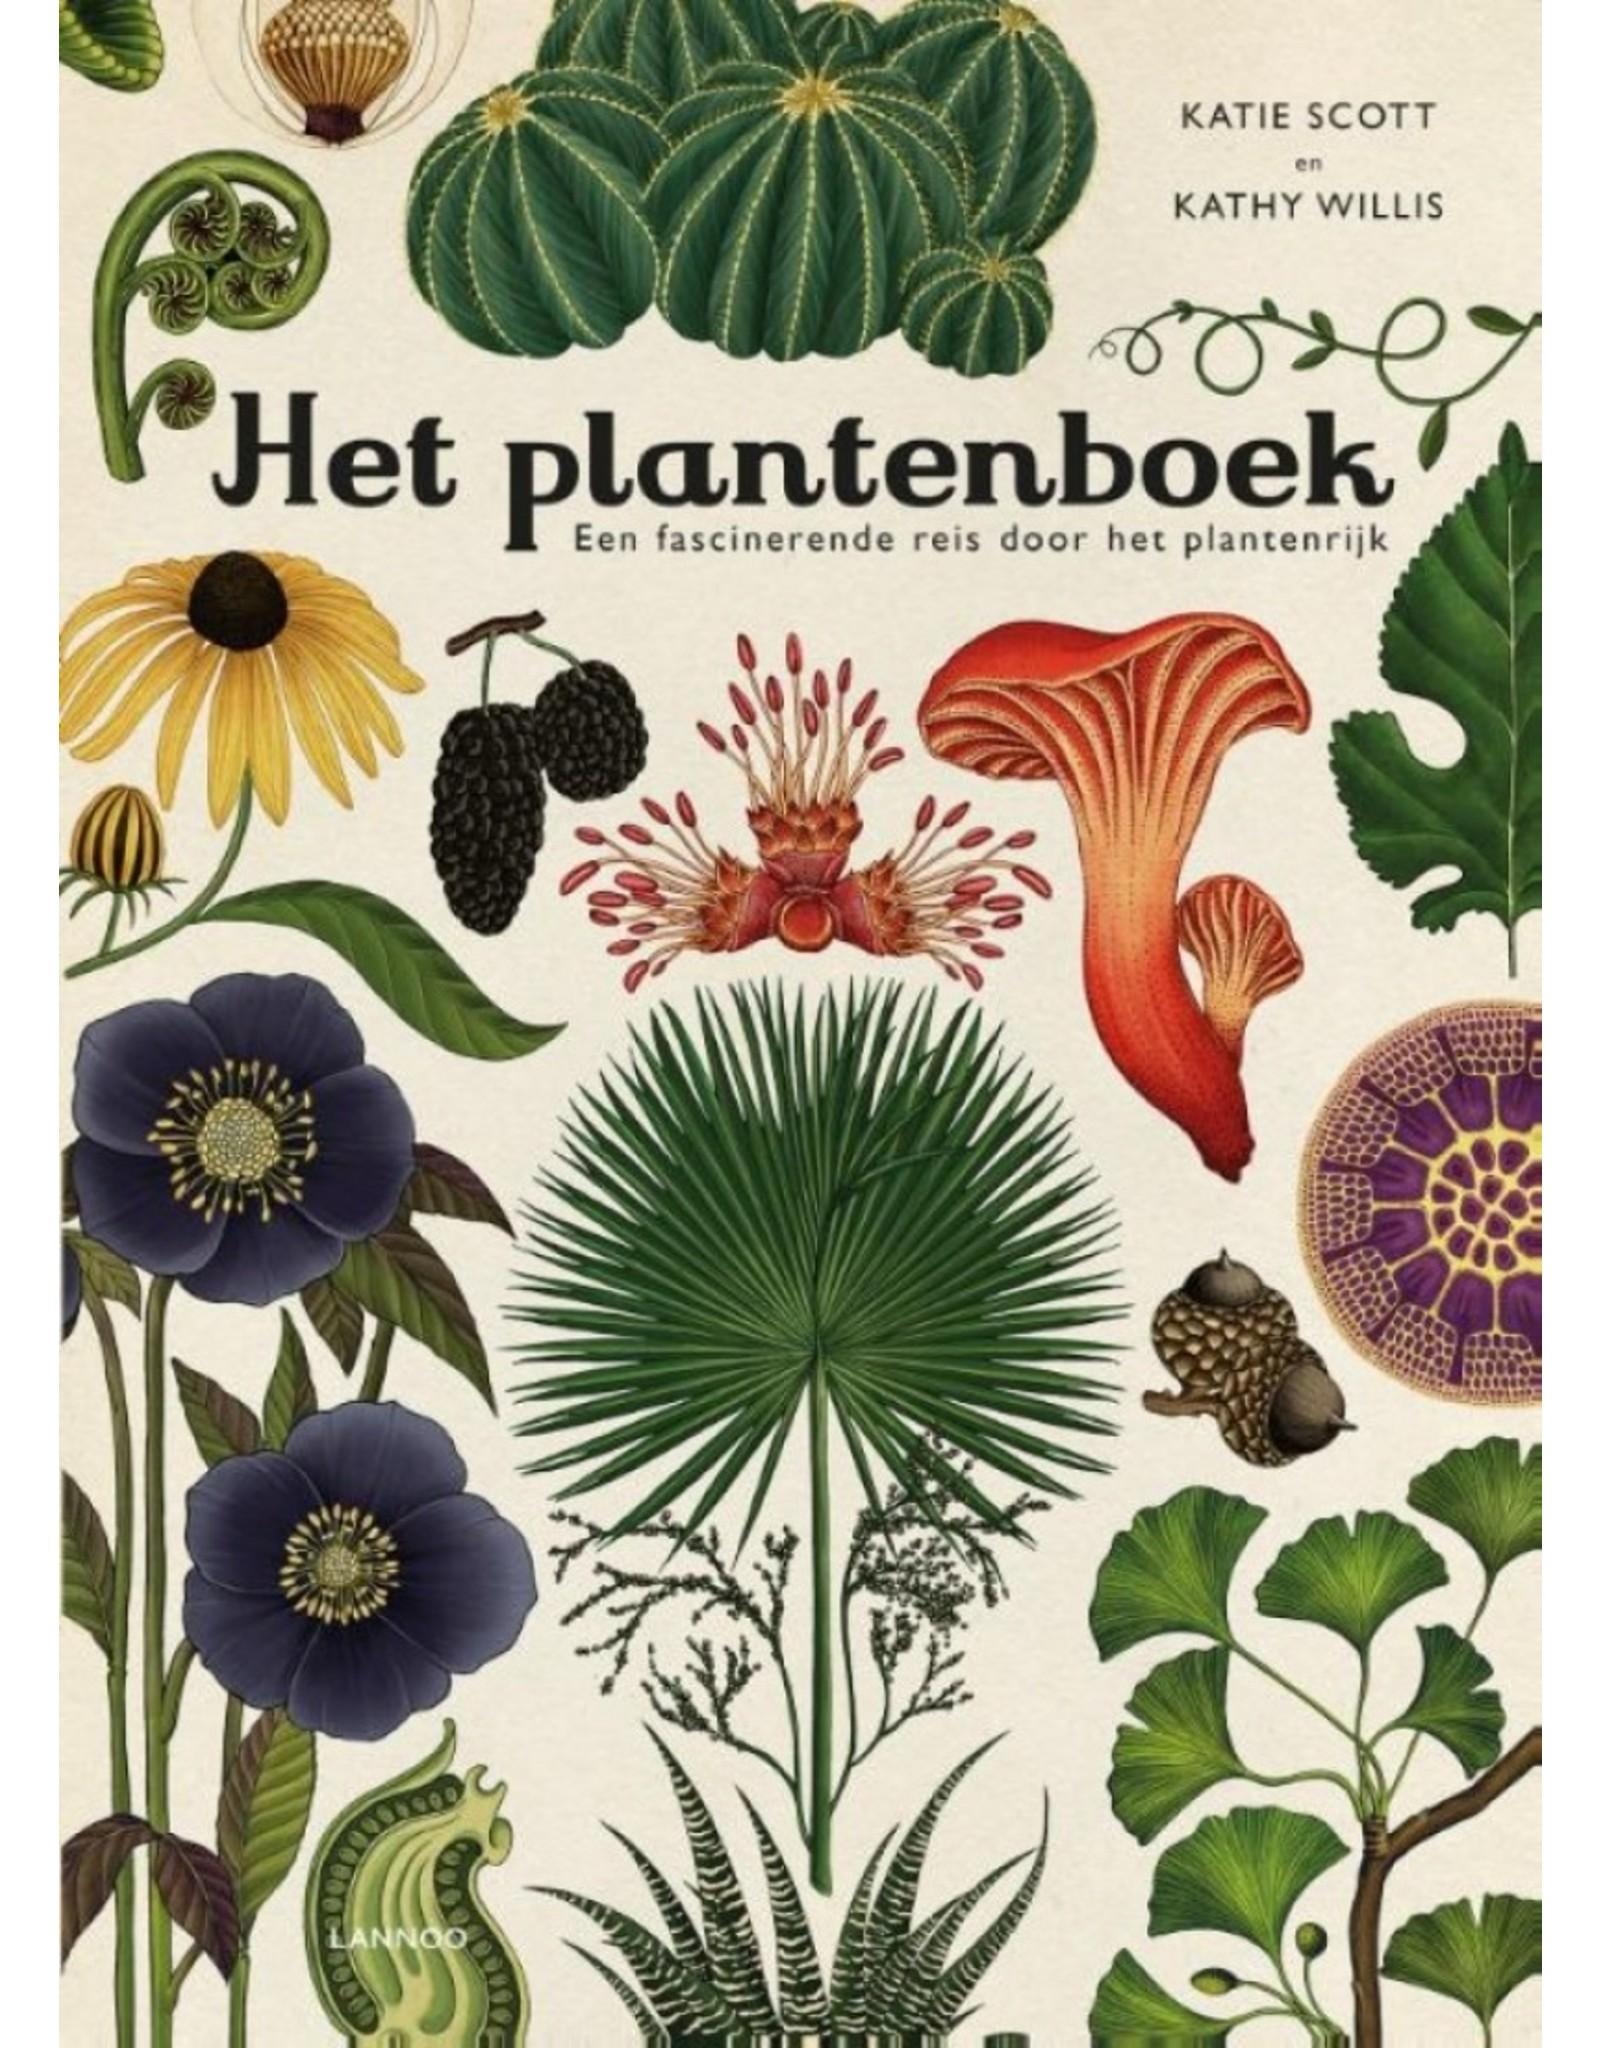 Boek - Het plantenboek